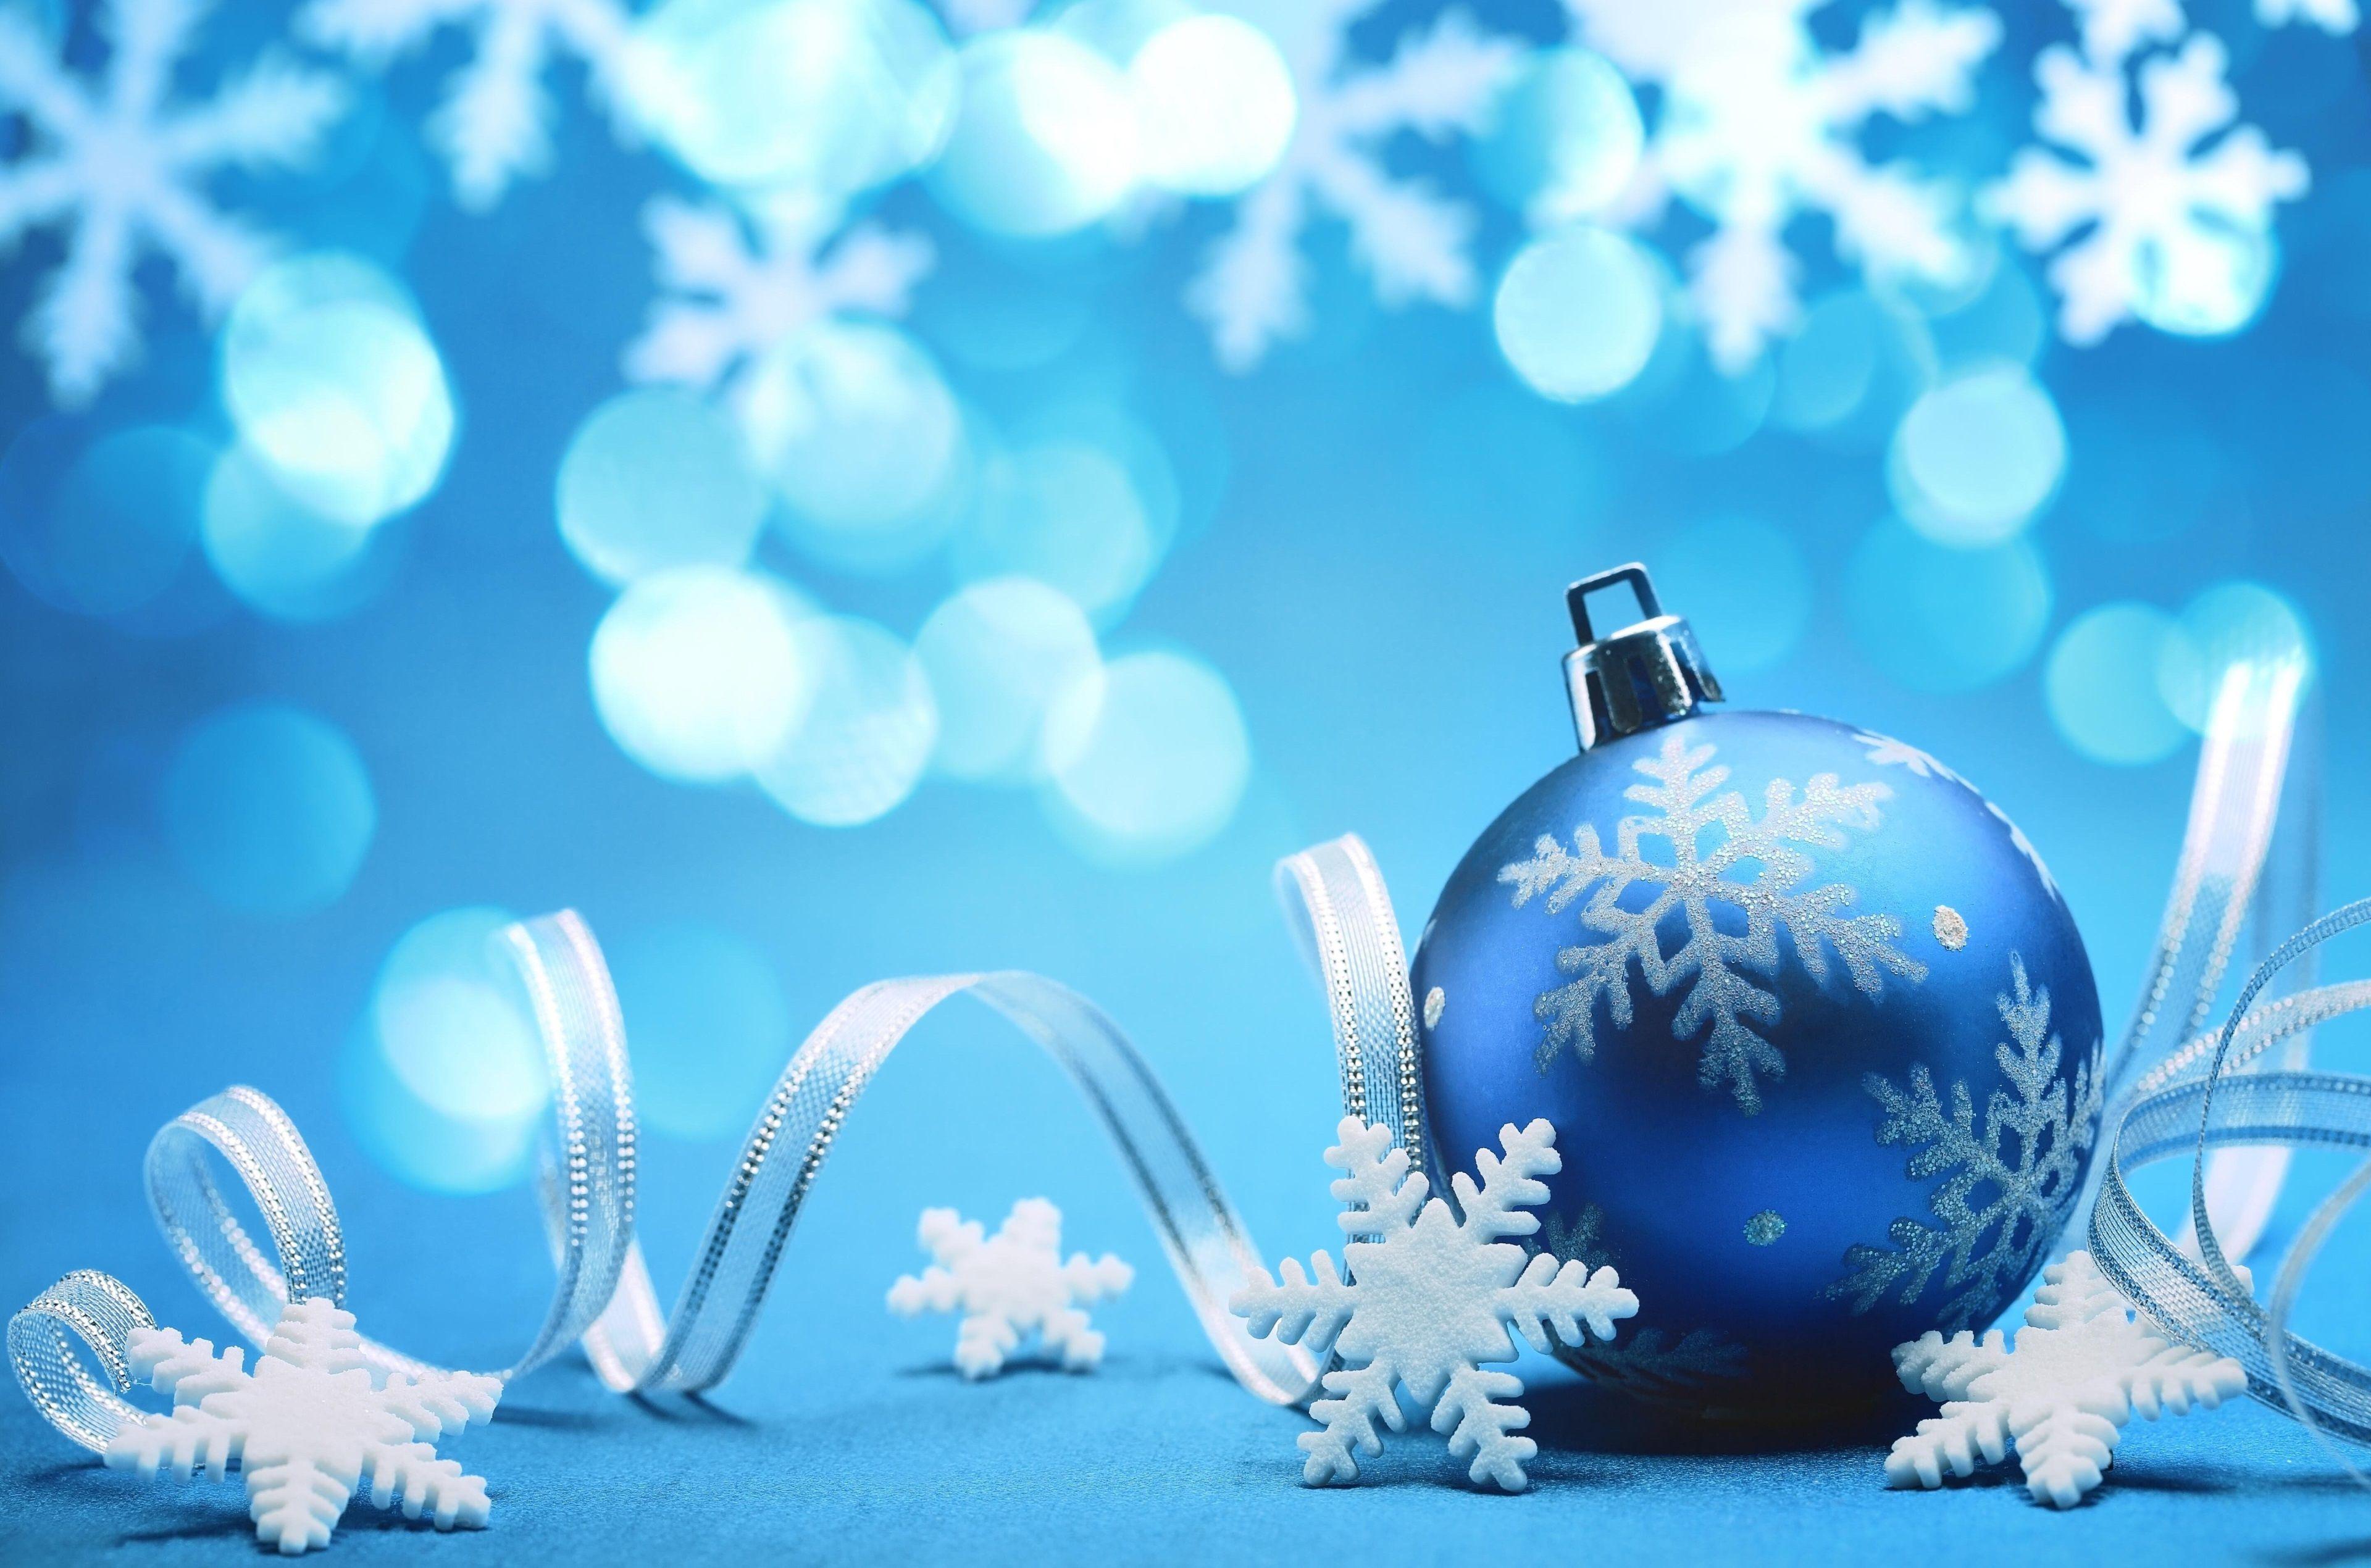 3840x2540 Christmas 4k High Definition Wallpaper Christmas Wallpaper Hd Blue Christmas Ornaments Teal Christmas Wallpaper